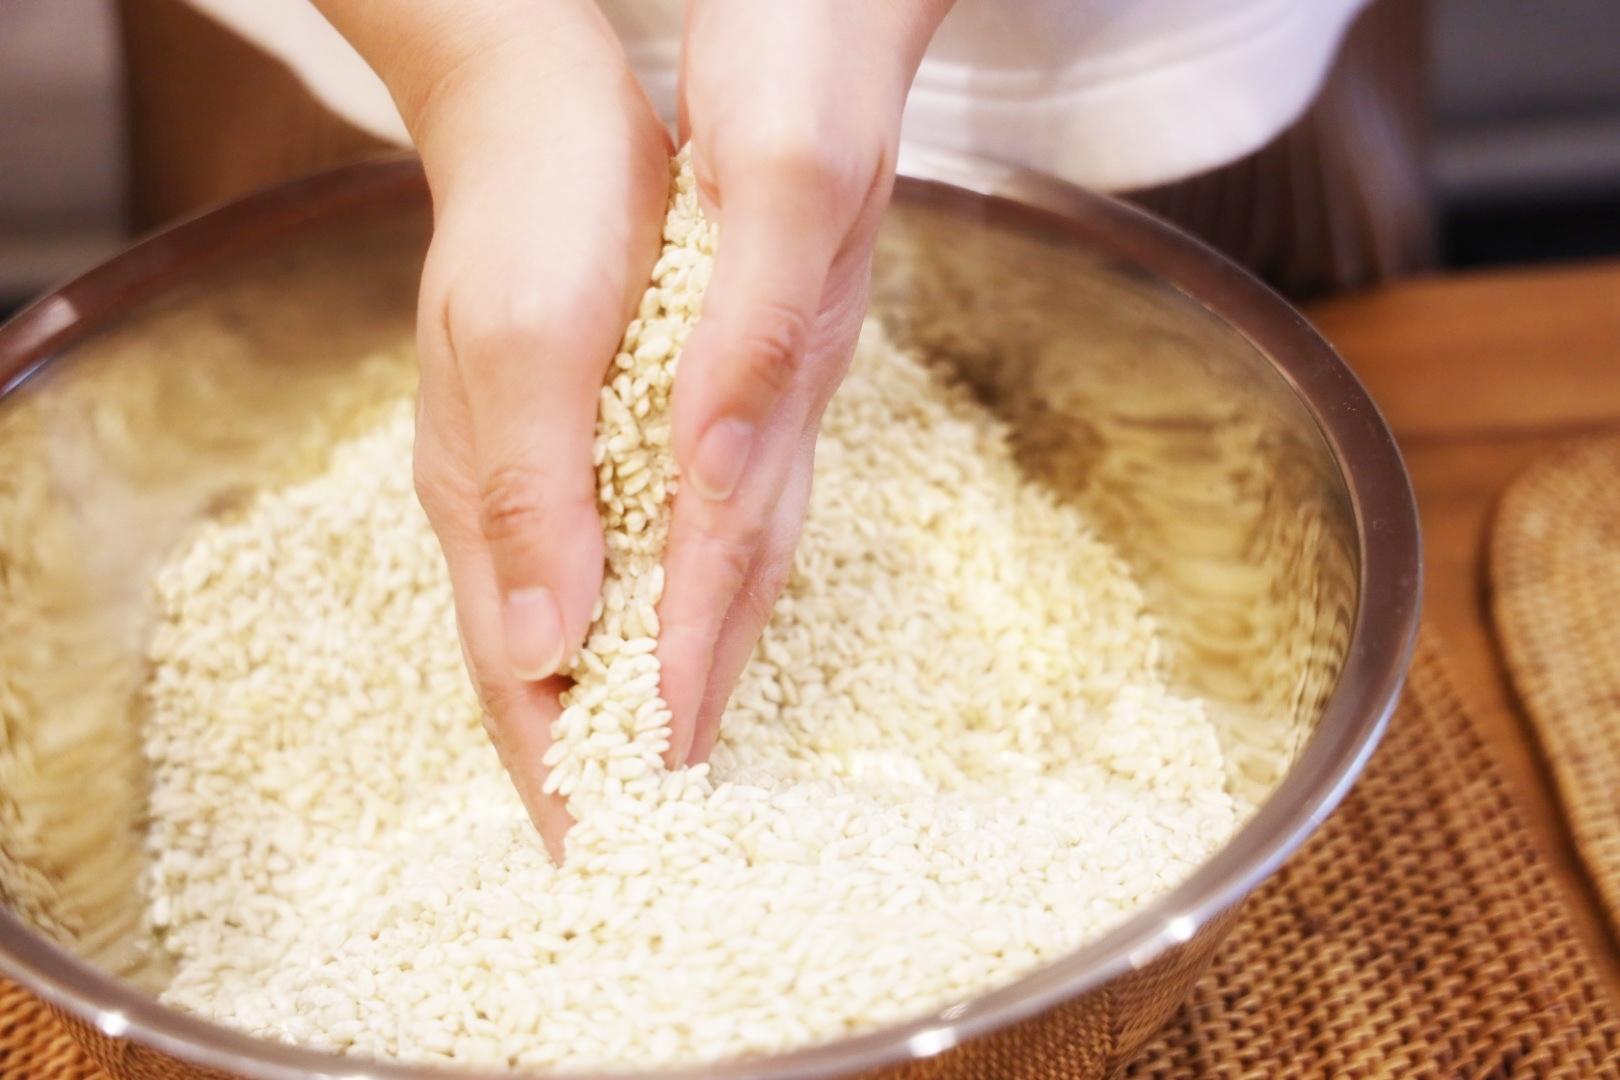 備蓄や保存に最適!免疫力を高める最強の発酵食品「味噌」を、ジップロックで手軽に作っちゃおう♪_1_4-2